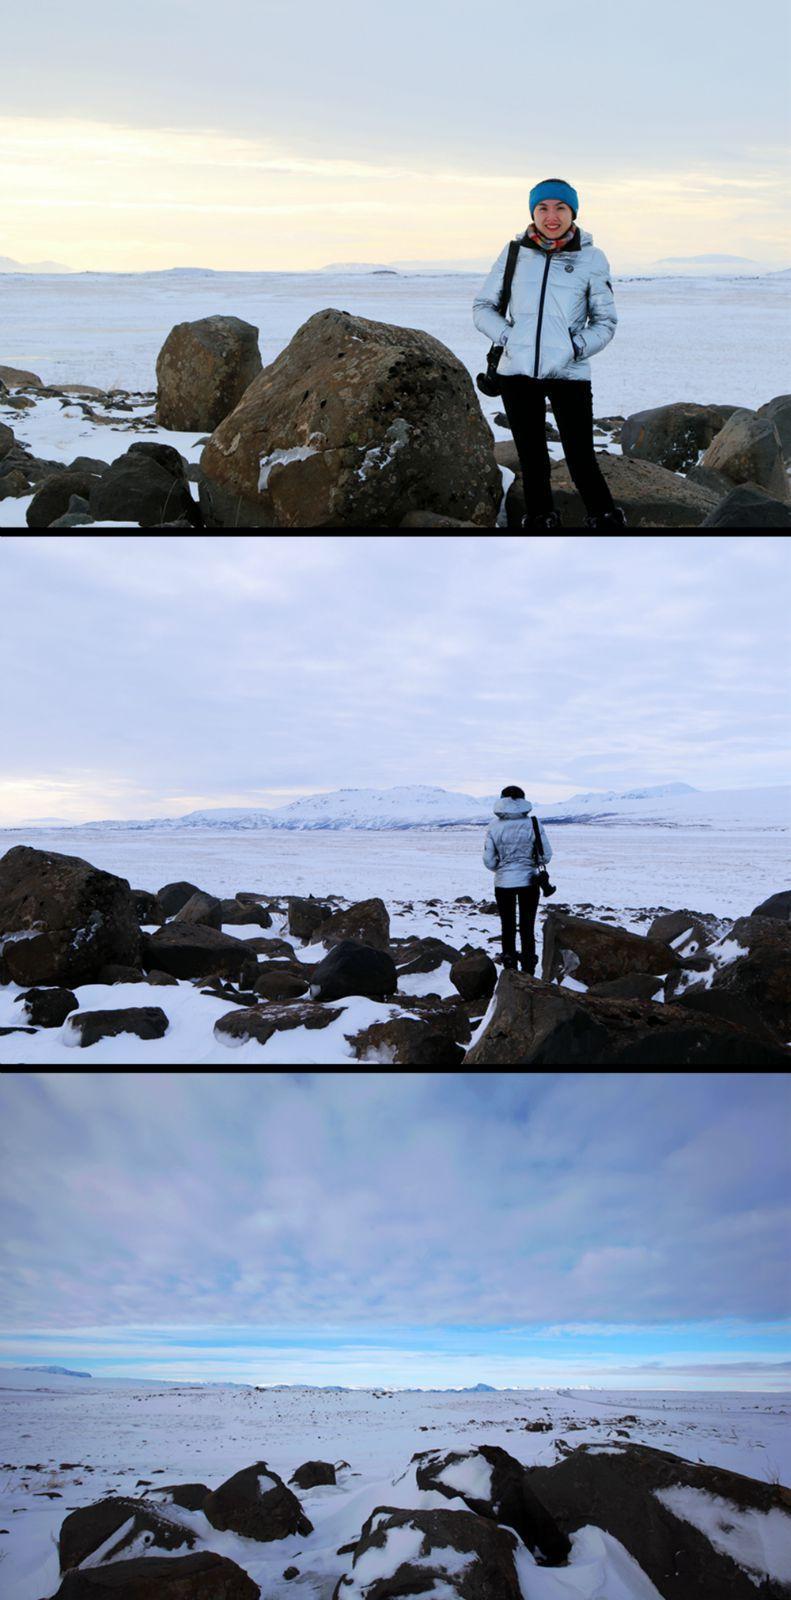 冬天去冰岛要穿什么鞋